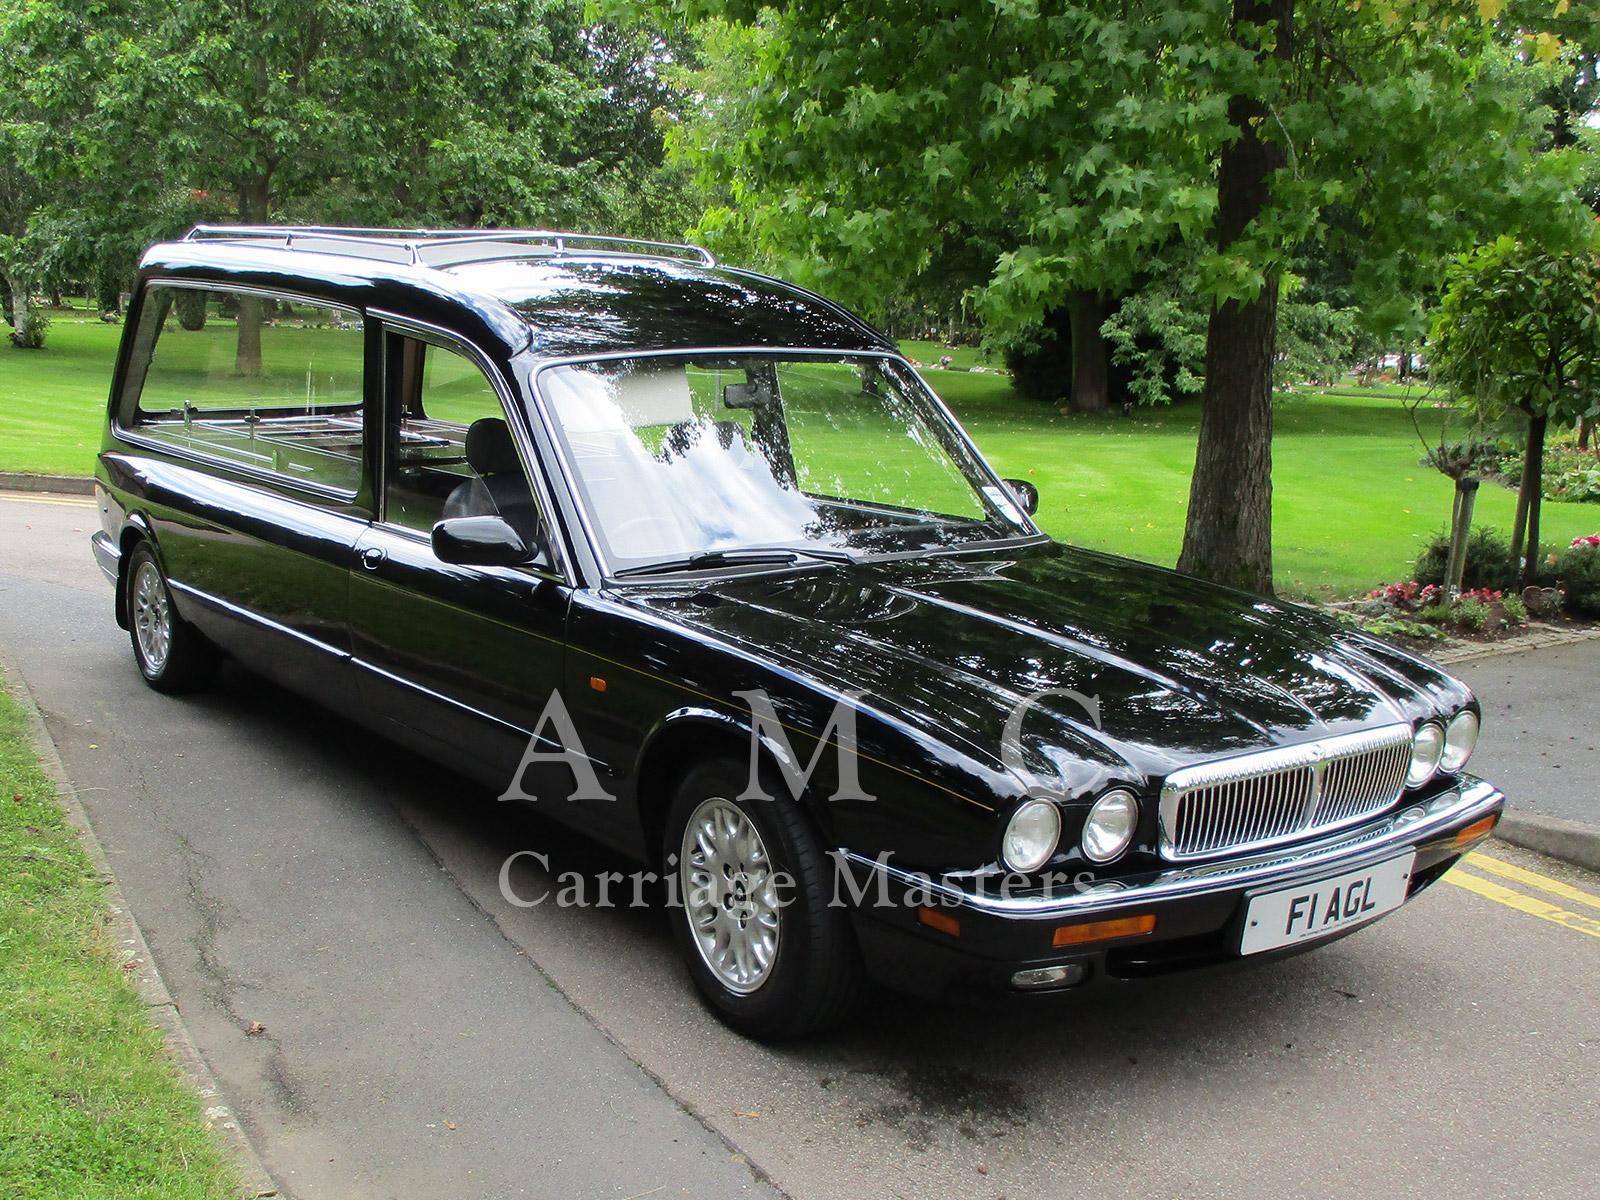 Black Daimler Jaguar XJ X300 Model Hearse